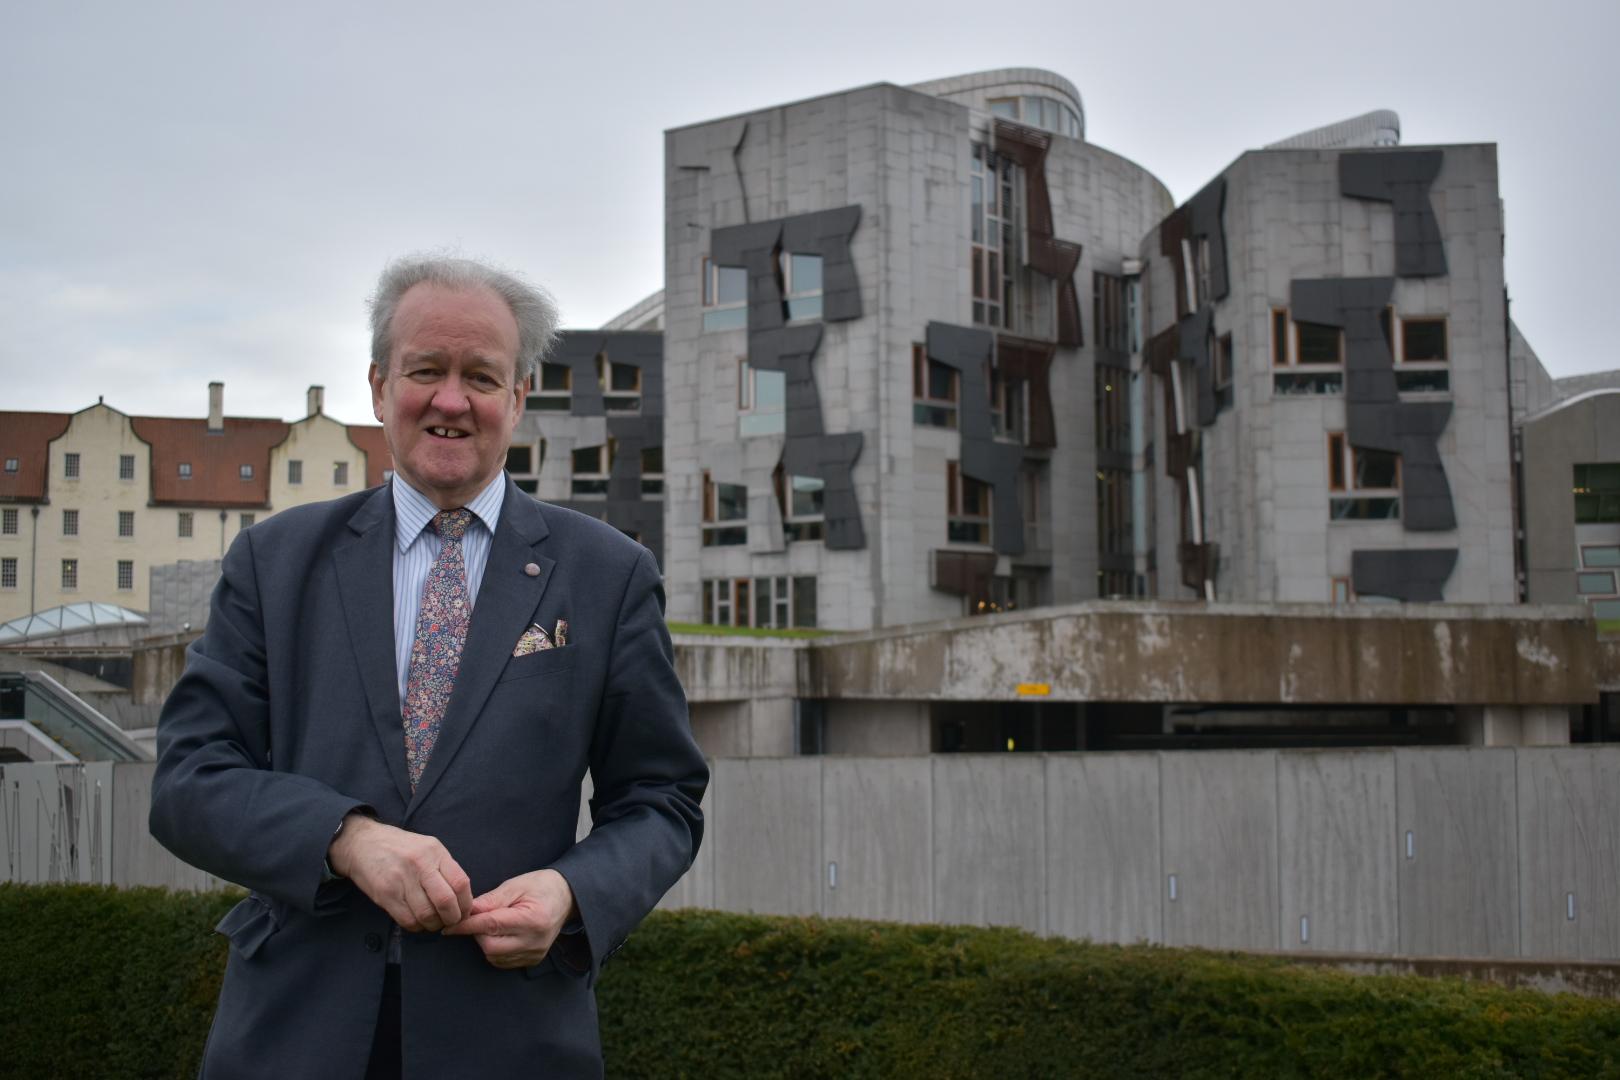 Banff and Buchan MSP Stewart Stevenson is pleased to see more digital homes in Peterhead.